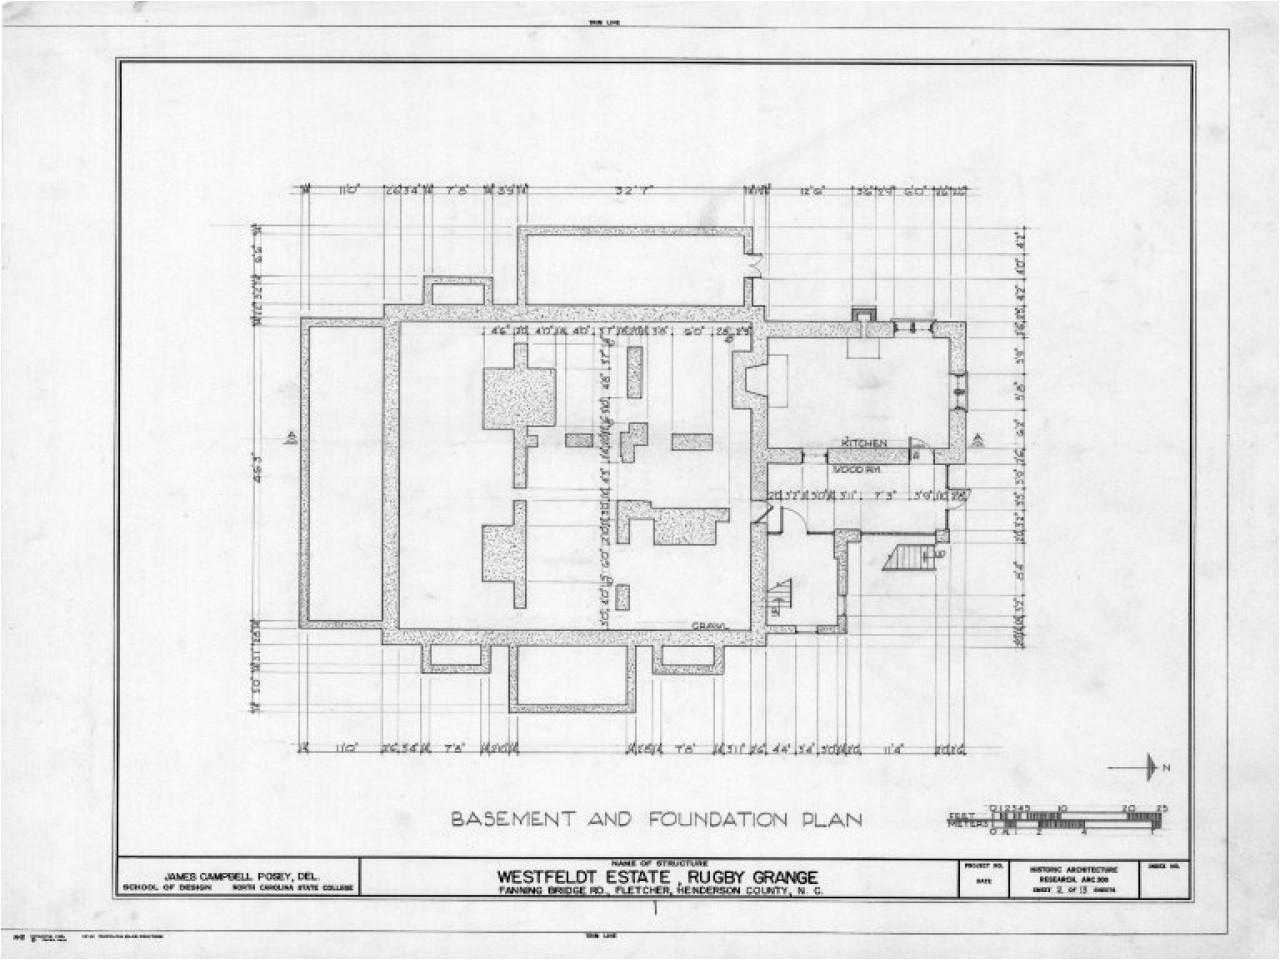 19f685df17f2d652 pier foundation design pier foundation house plans